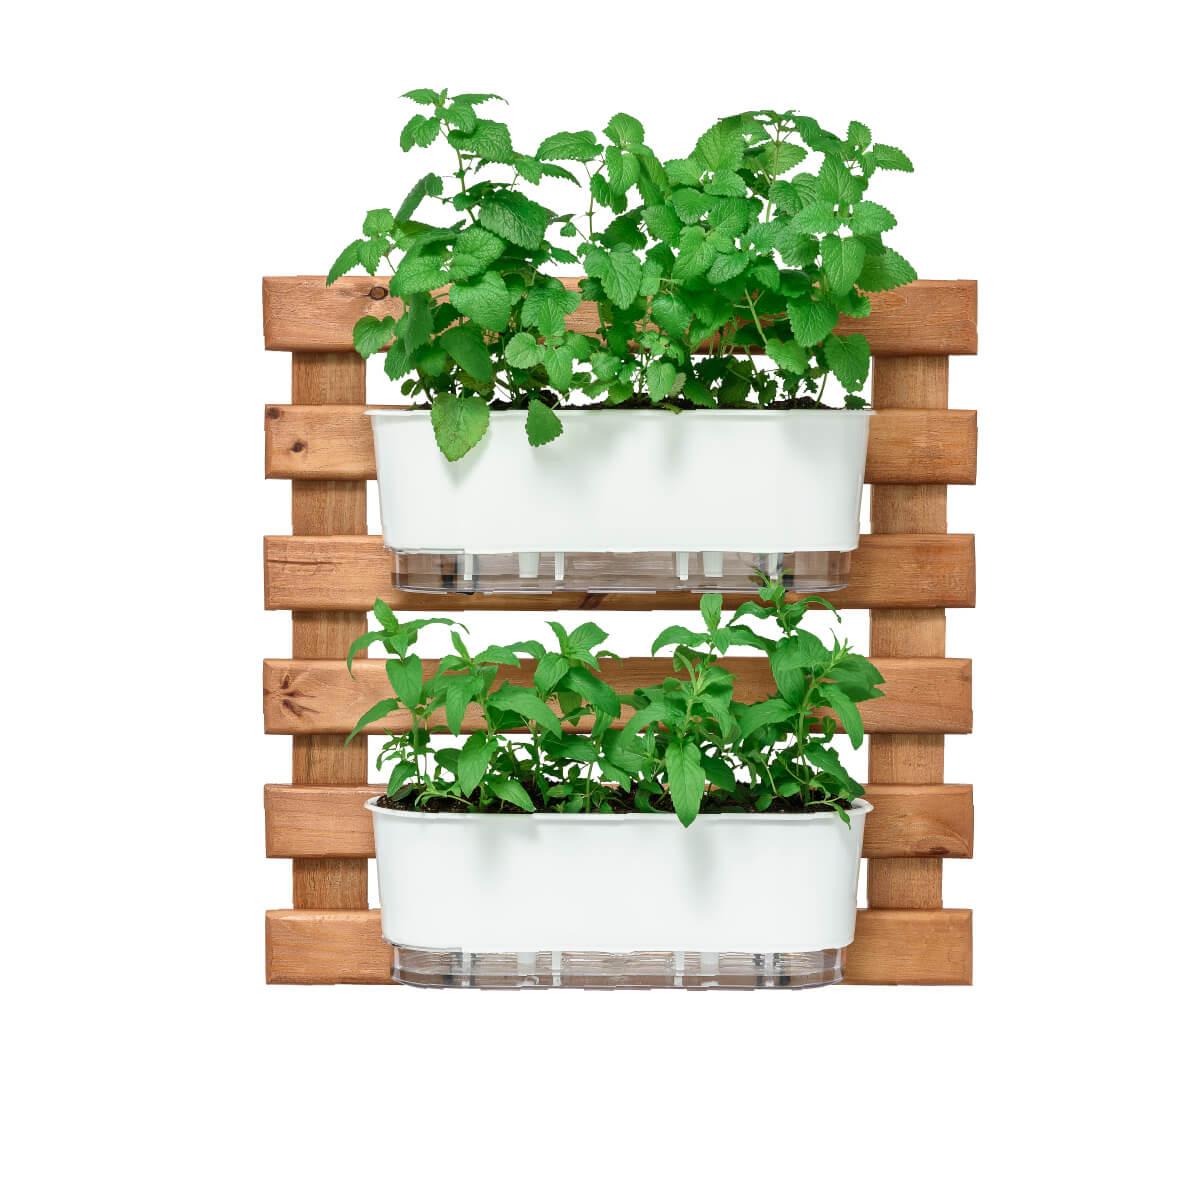 Kit Horta Vertical 60cm x 60cm com 2 Jardineiras Brancas  - Vasos Raiz Loja Oficial